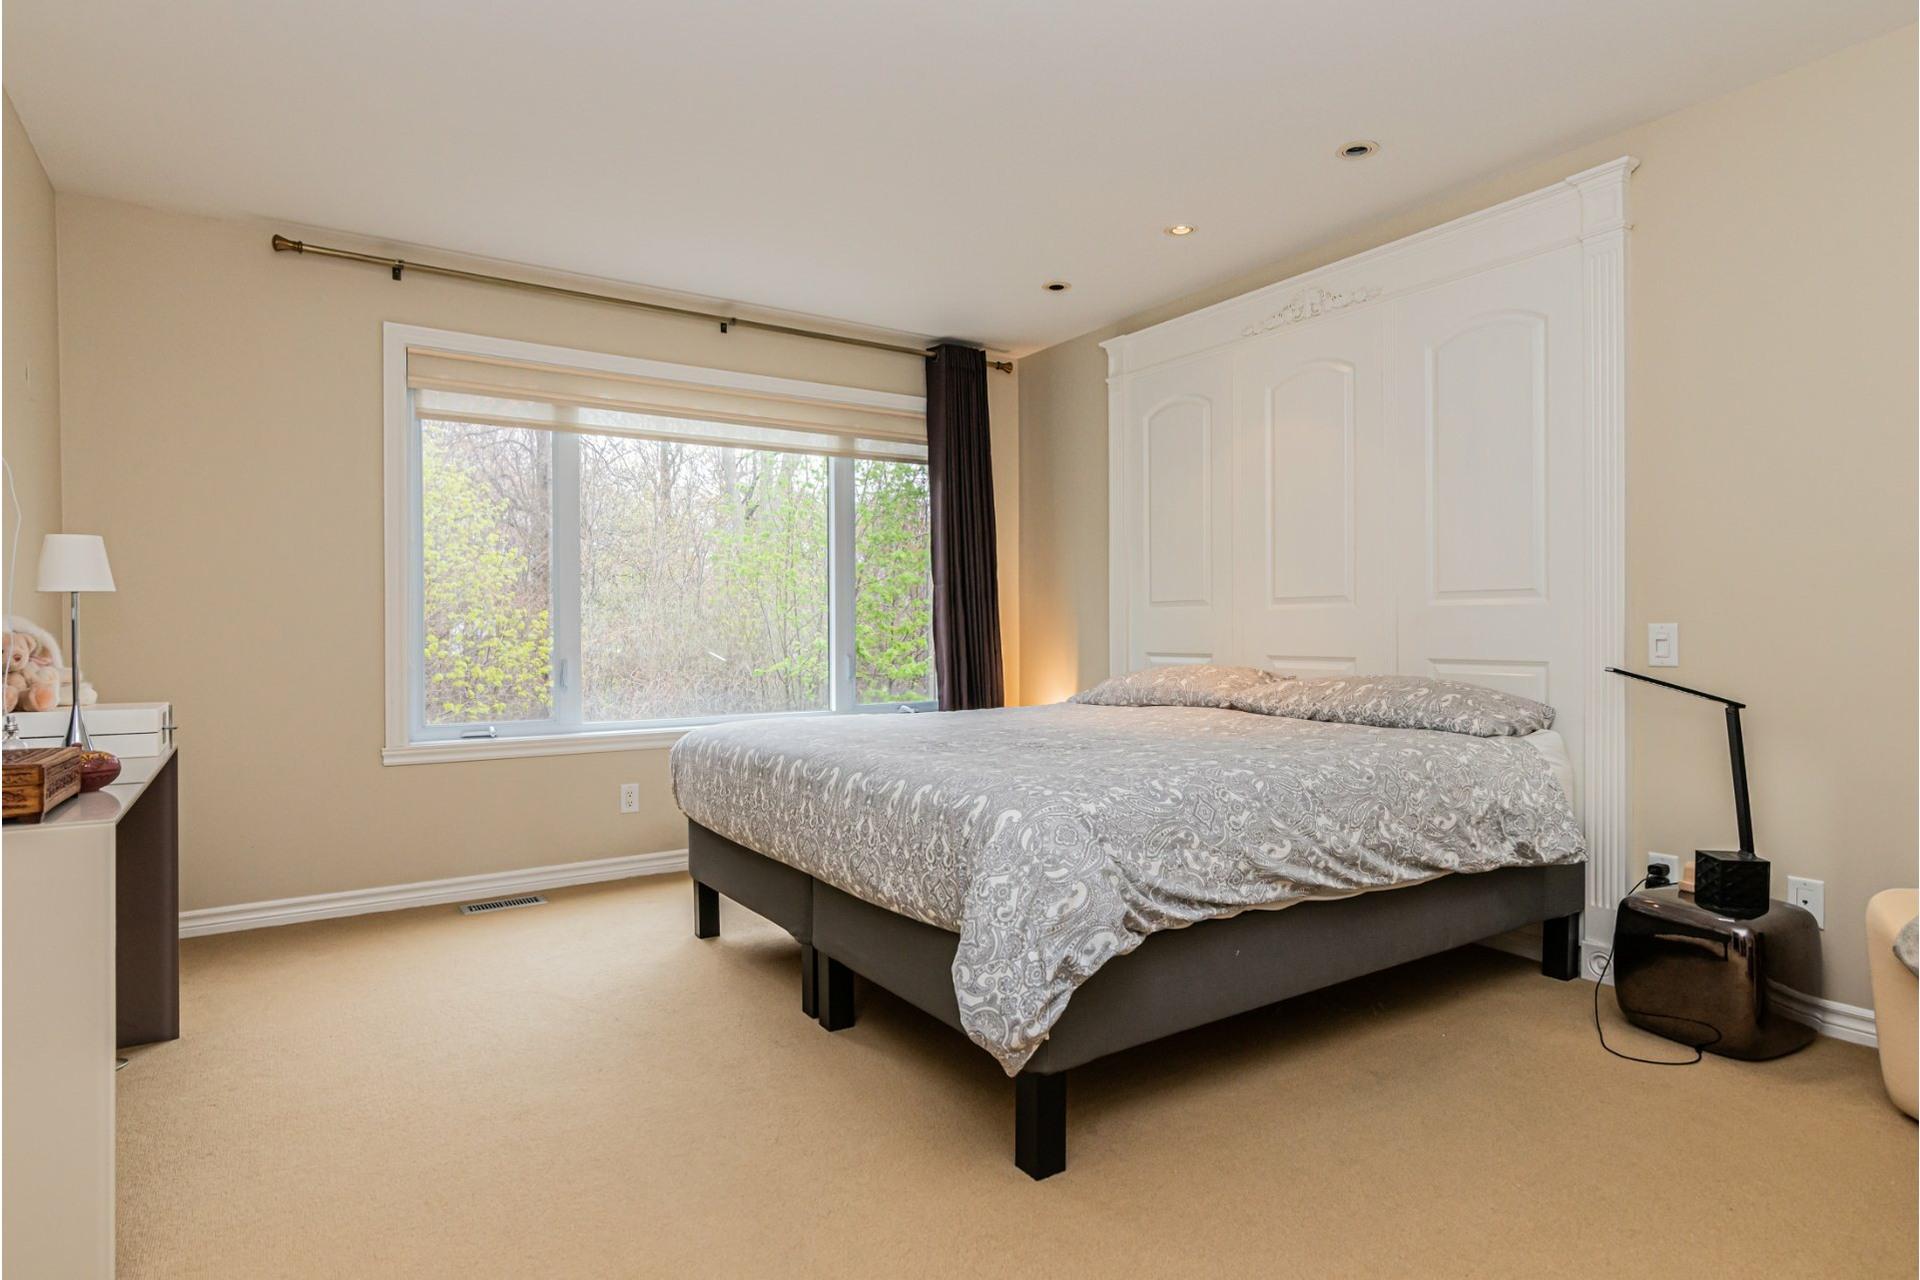 image 12 - Maison À vendre Côte-des-Neiges/Notre-Dame-de-Grâce Montréal  - 11 pièces